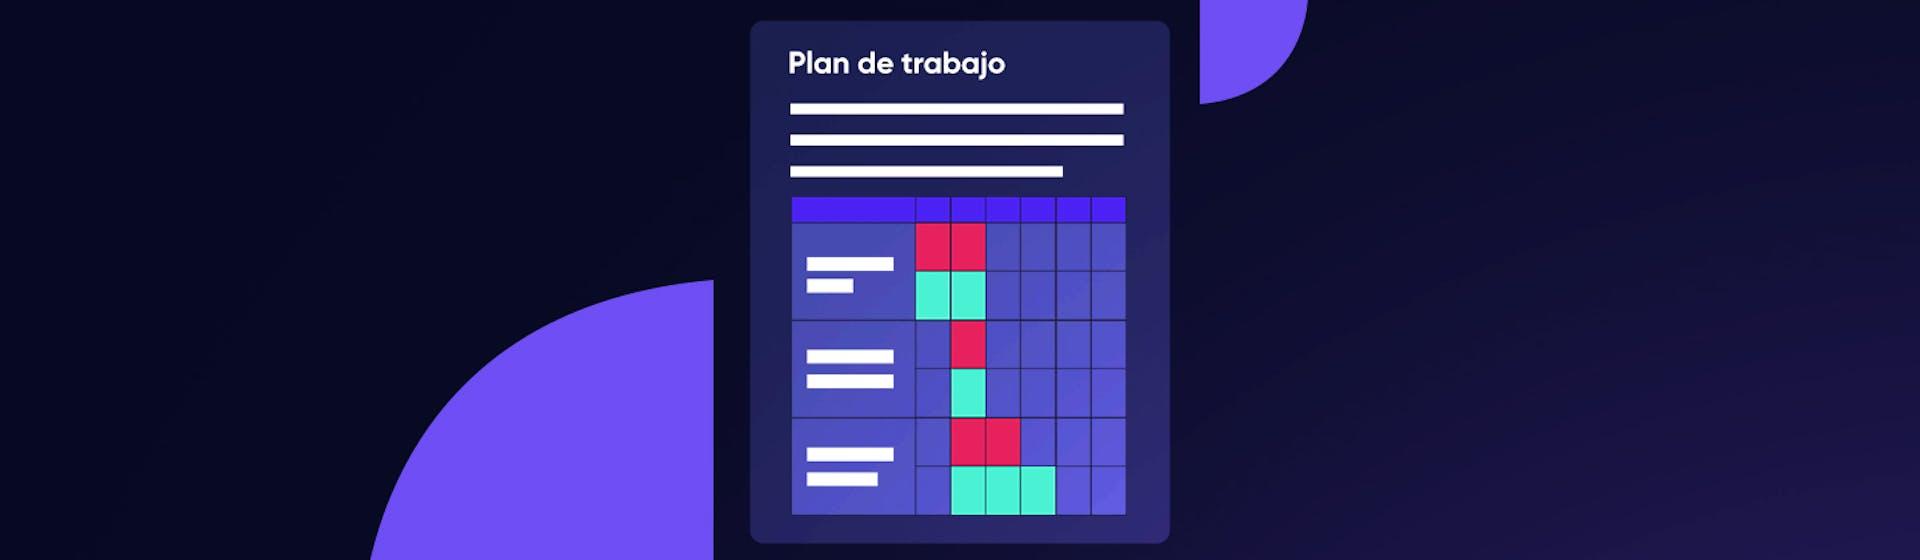 ¿Qué es un plan de trabajo? ¡La solución para organizar tus proyectos!